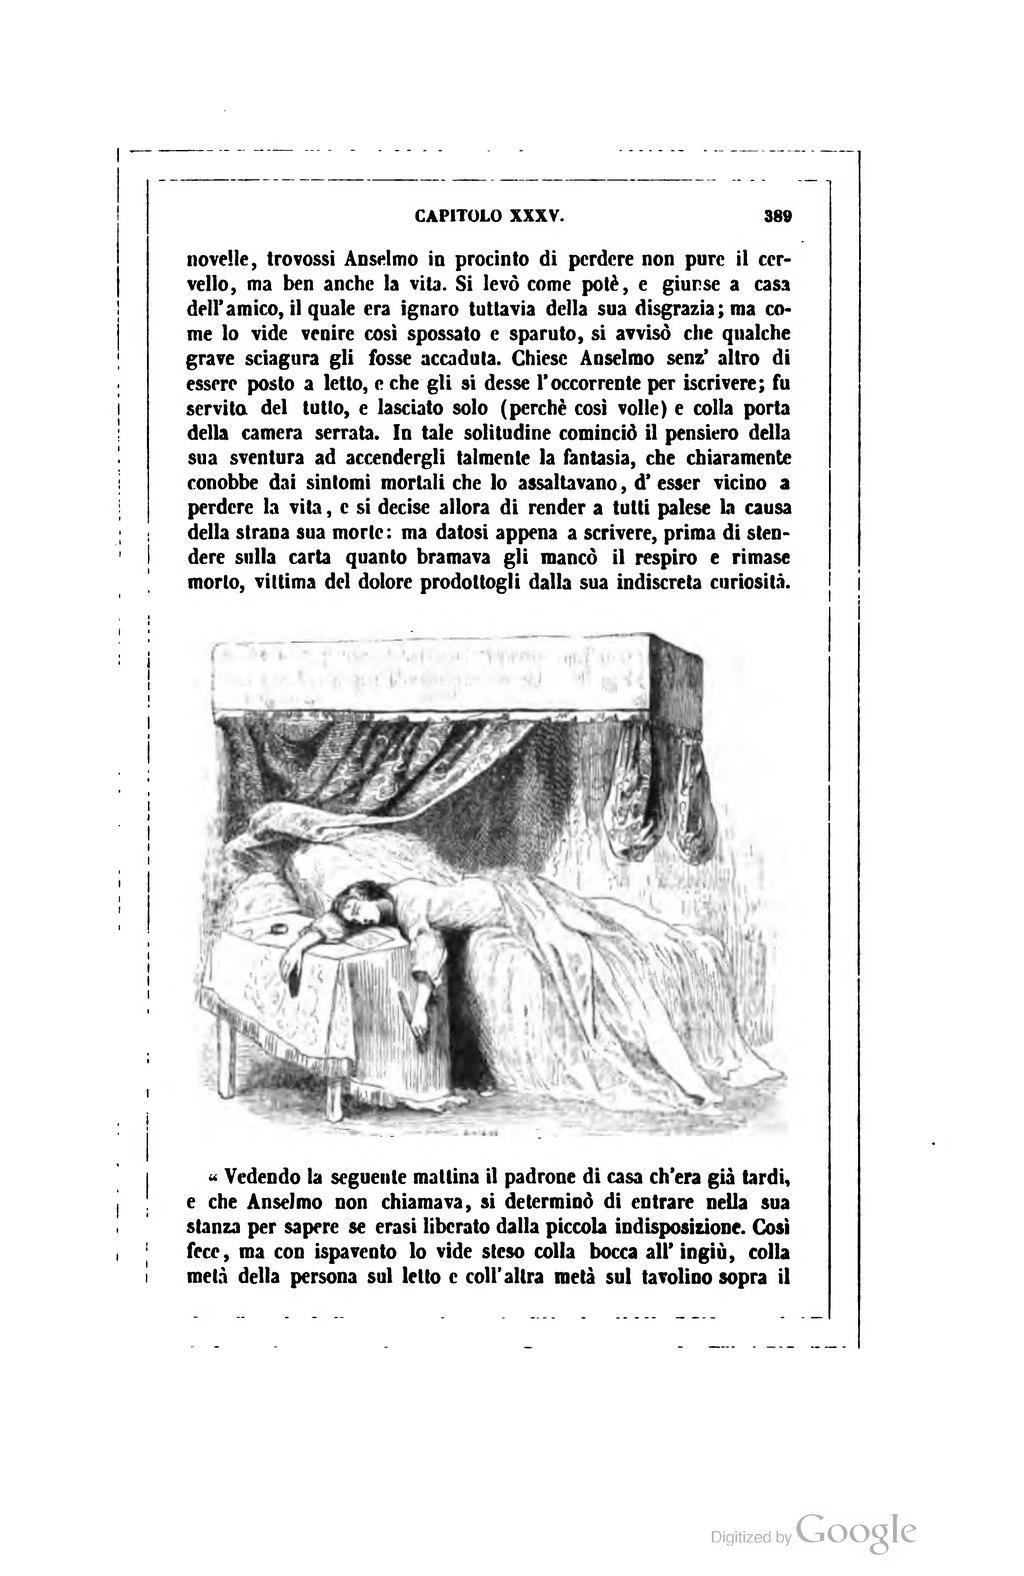 I Donchisciotte Del Tavolino.Pagina Don Chisciotte Gamba Ambrosoli Vol 1 Djvu 407 Wikisource